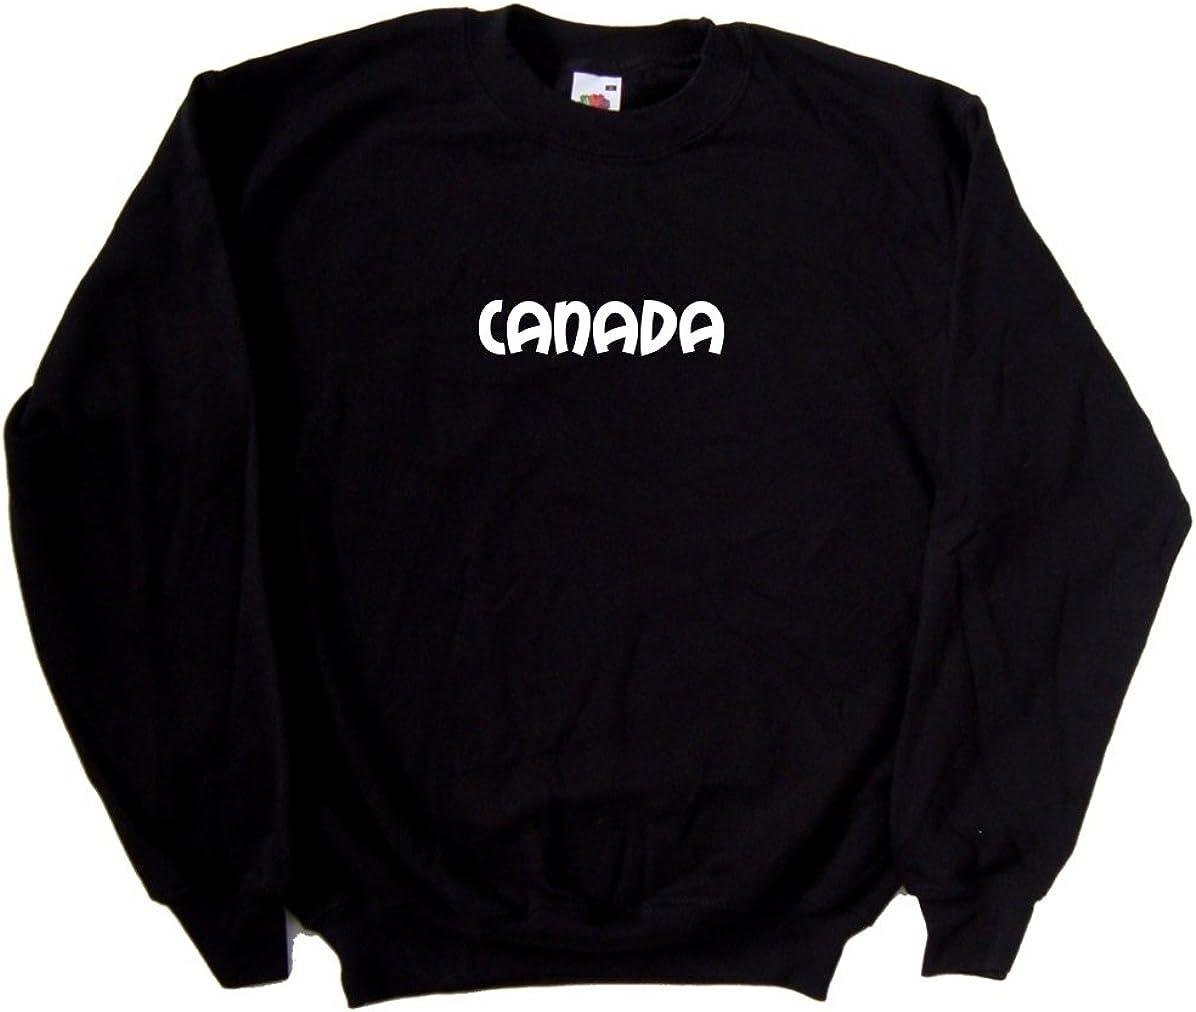 Canada text Black Sweatshirt